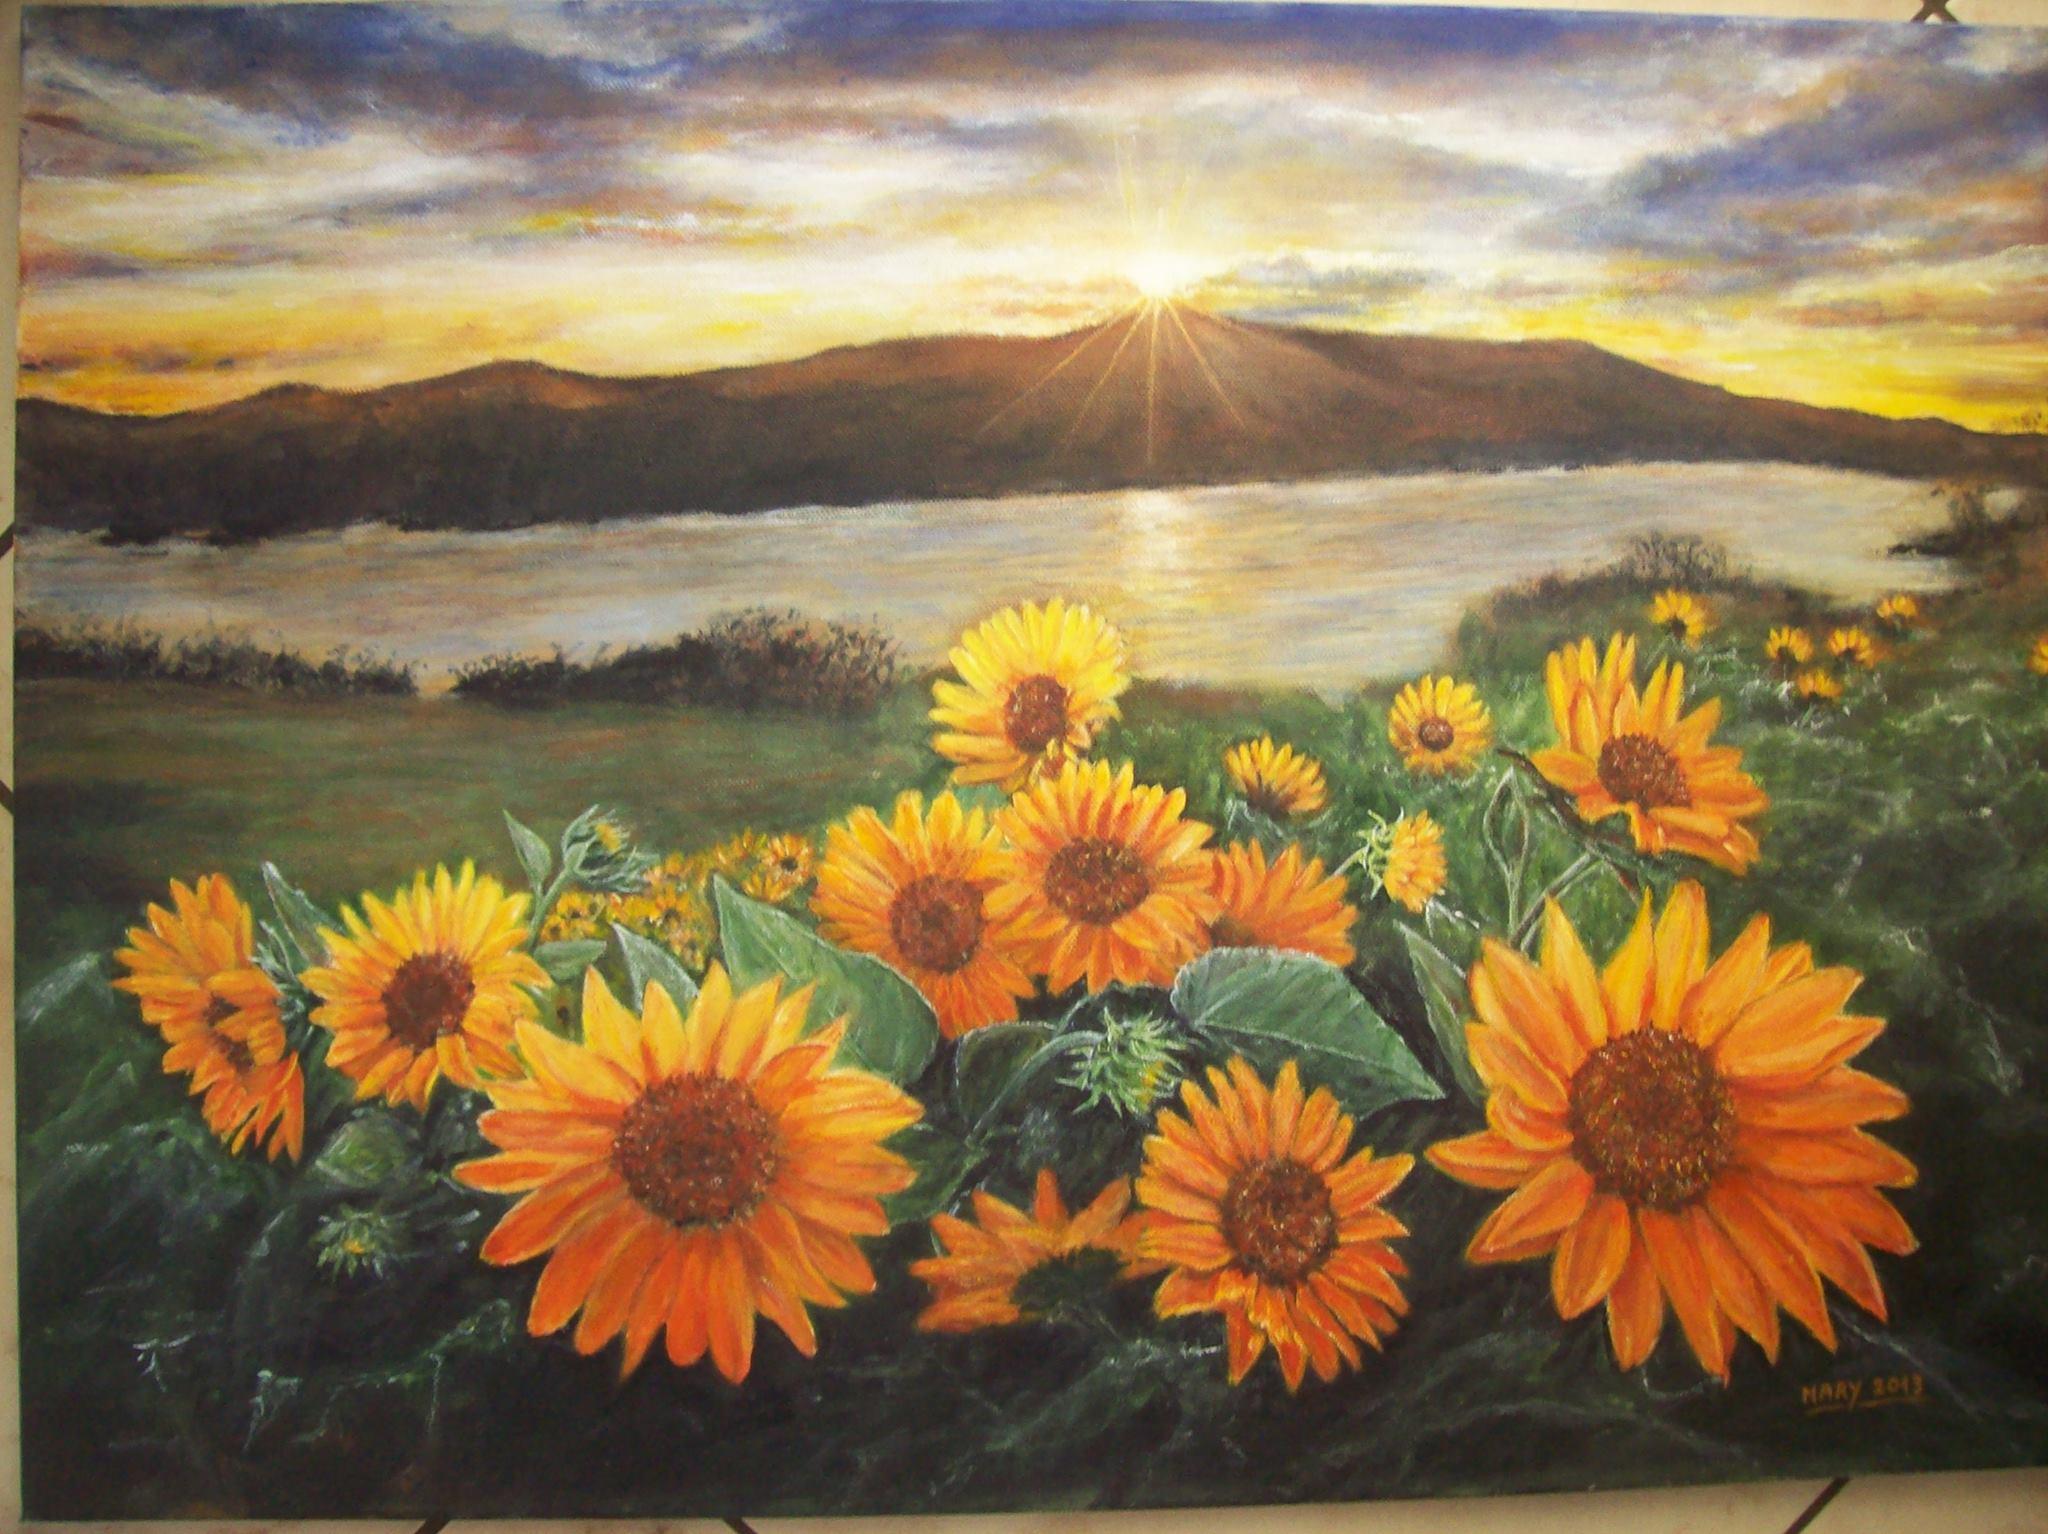 Marinella Careddu paesaggio con girasoli - acrilico su tela 50 x 70 ...